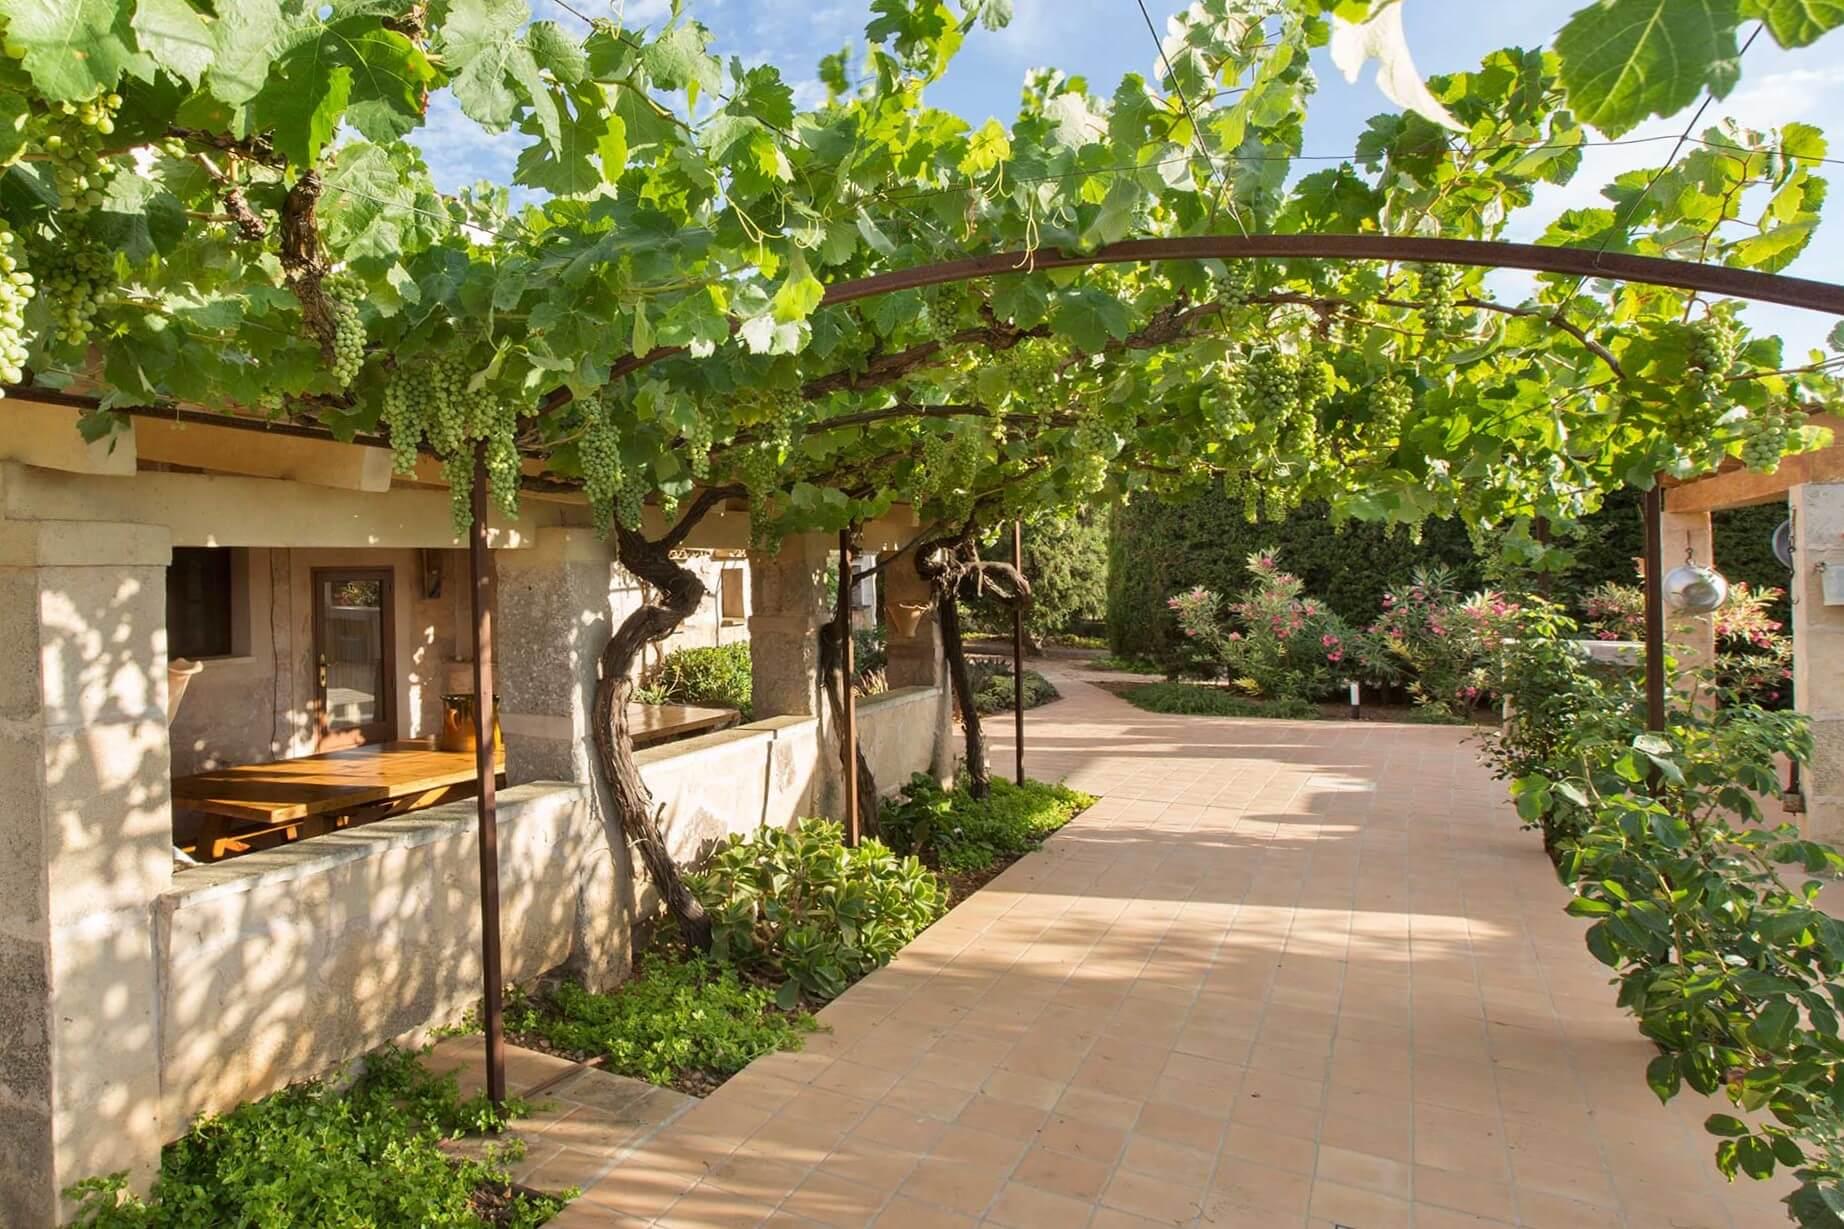 Finca C'an Murtera - Terrace with garden